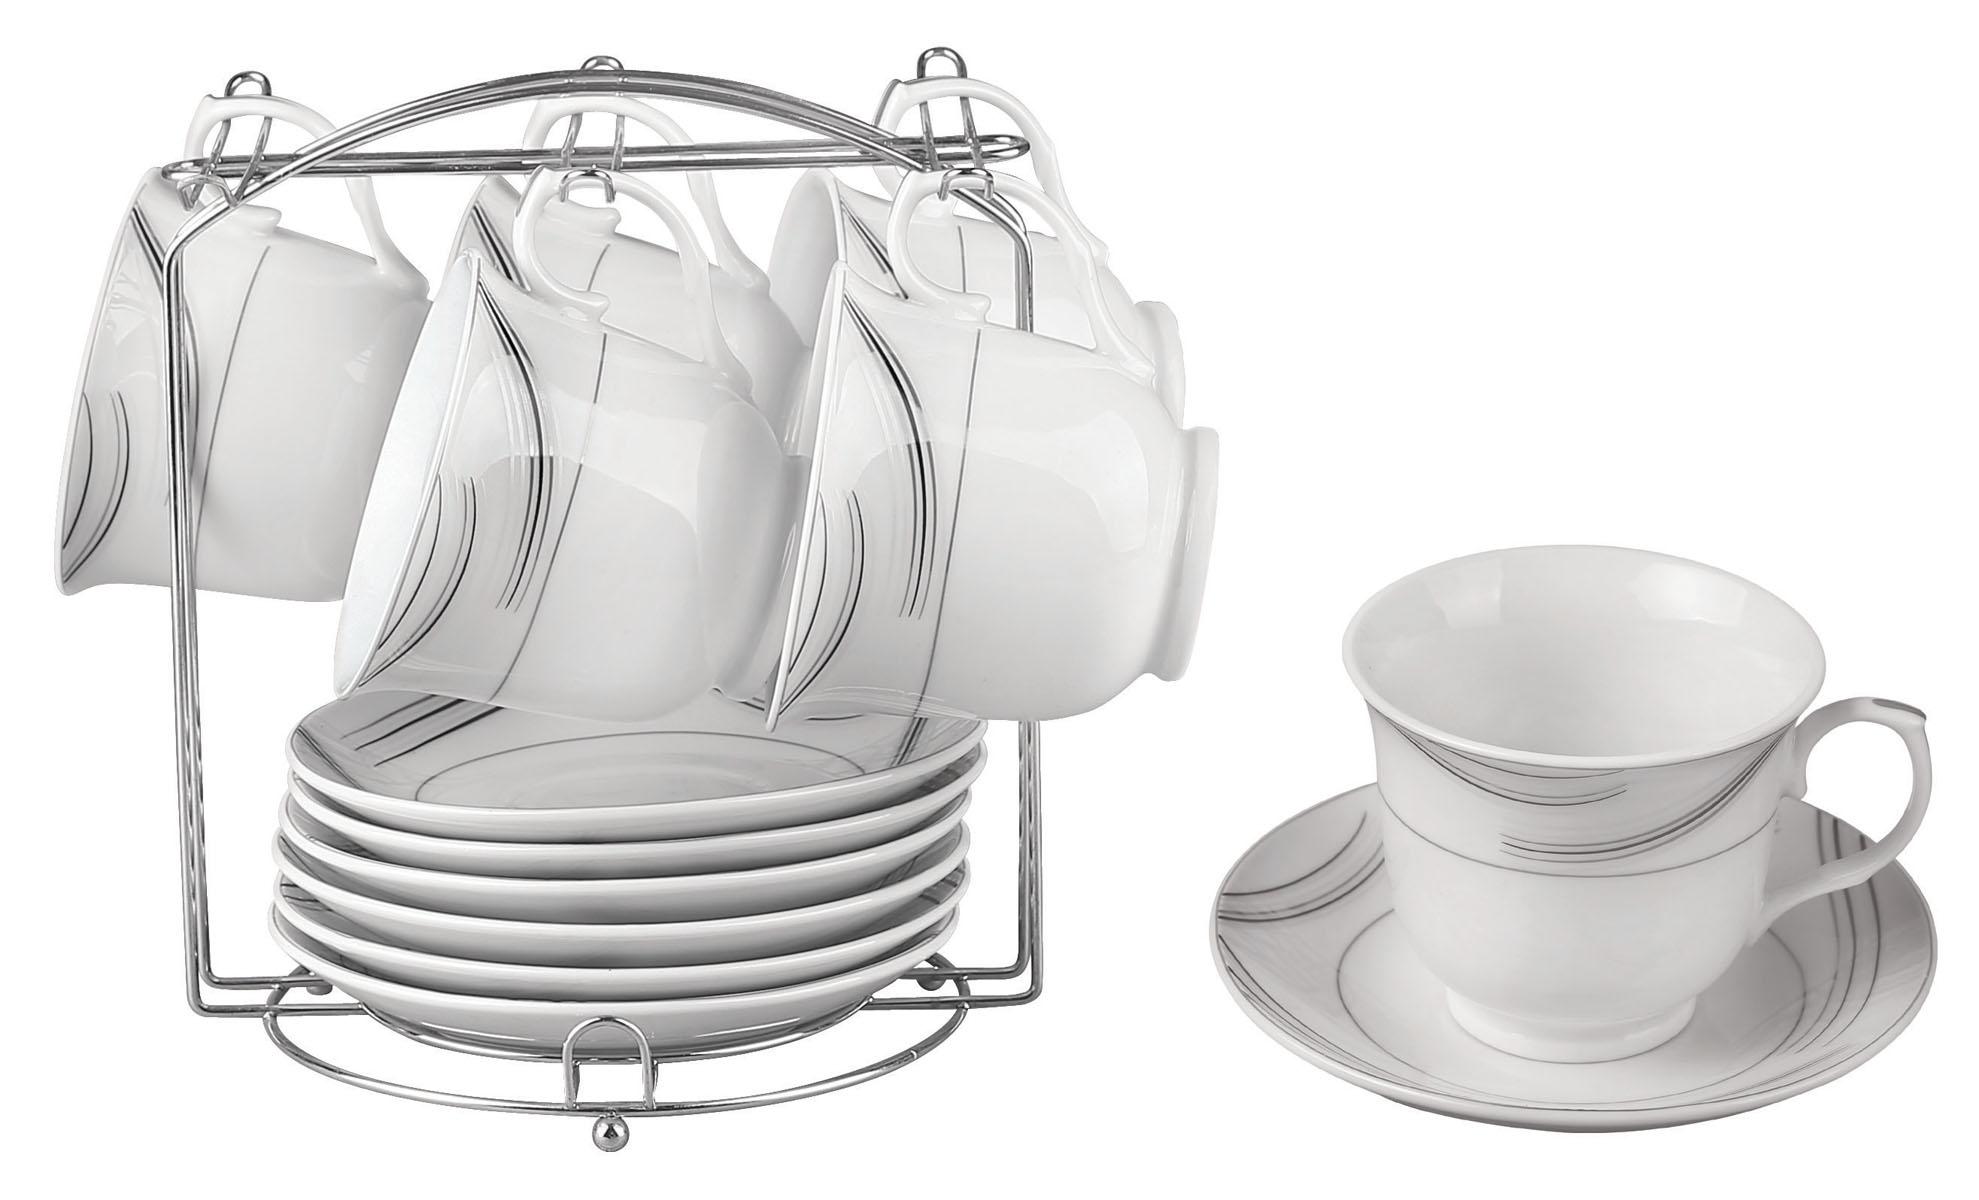 Набор чайный Bekker, 13 предметов. BK-6803 (8)VS-1248Чайный набор Bekker состоит из 6 чашек, 6 блюдец и металлической подставки. Изделия выполнены из высококачественного фарфора белого цвета, украшенного изящными узорами серебристой эмалью. Для предметов набора предусмотрена специальная металлическая подставка с крючками для чашек и подставкой для блюдец.Изящный чайный набор прекрасно оформит стол к чаепитию и станет замечательным подарком для любой хозяйки. Можно мыть в посудомоечной машине.Объем чашки: 220 мл.Диаметр чашки (по верхнему краю): 9 см.Высота чашки: 7,5 см.Диаметр блюдца: 14 см.